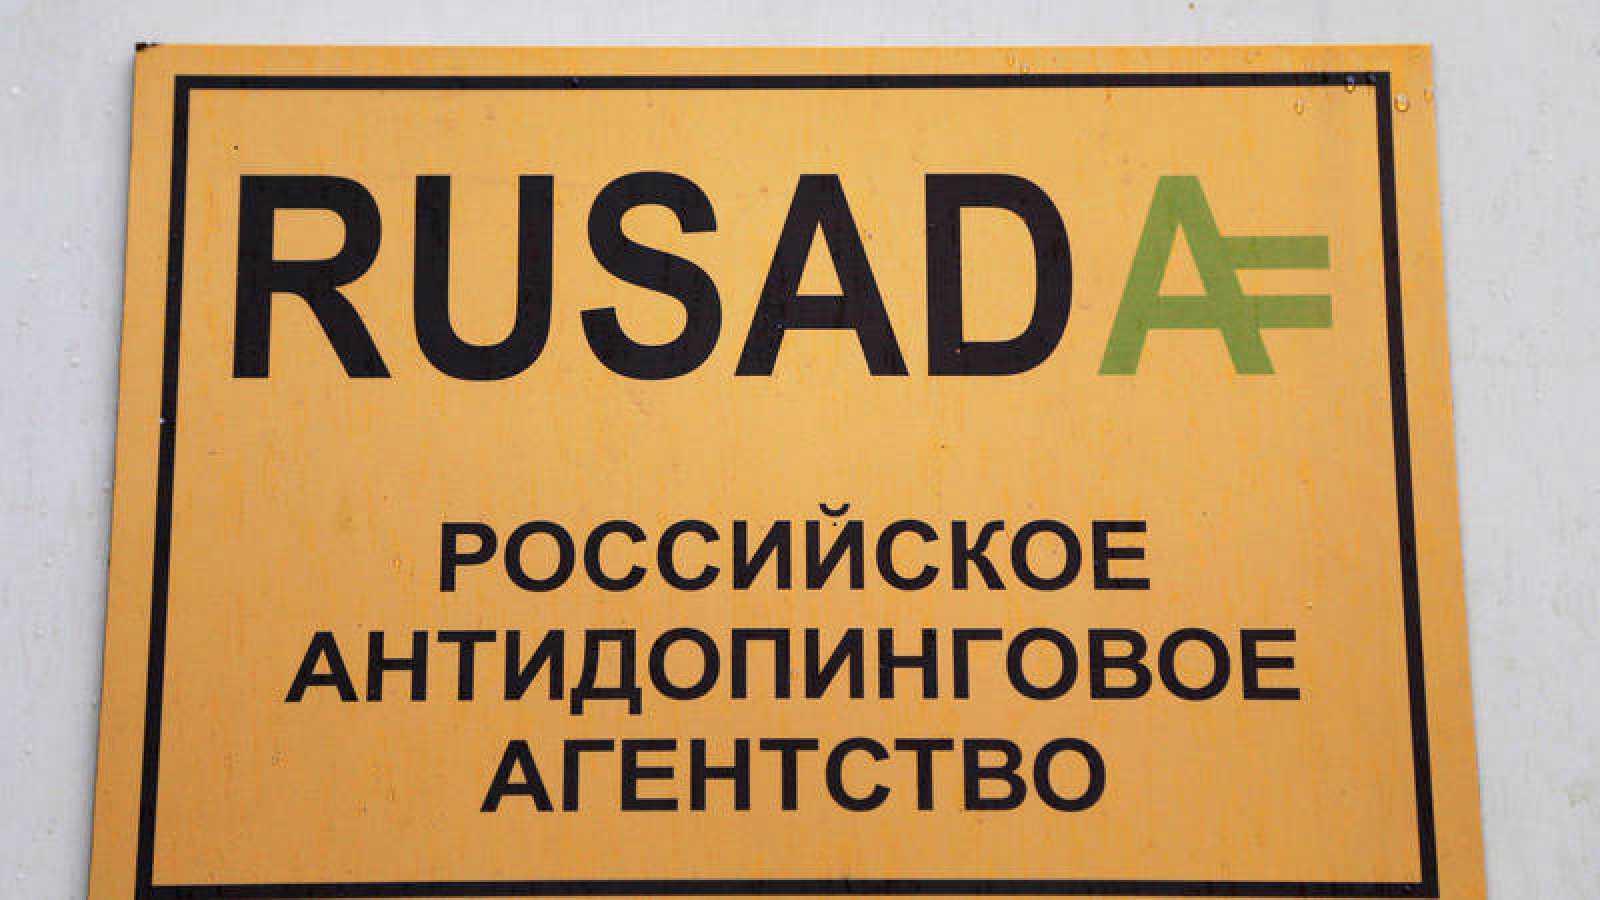 Rehabilitan a la agencia antidopaje rusa Rusada tras tres años de suspensión